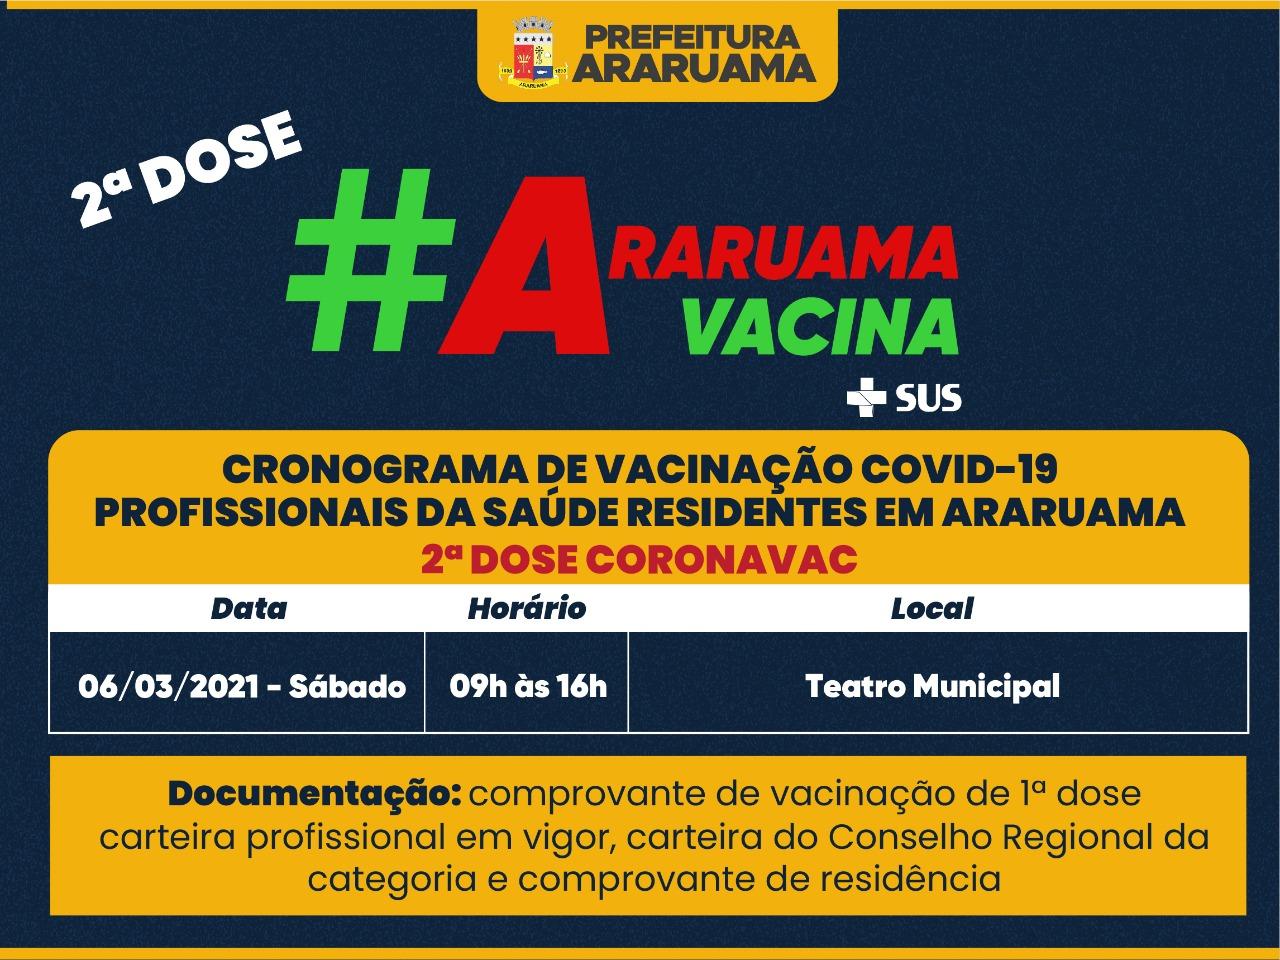 Prefeitura de Araruama divulga cronograma para vacinação da segunda dose da Coronavac para profissionais da Saúde que residem no município